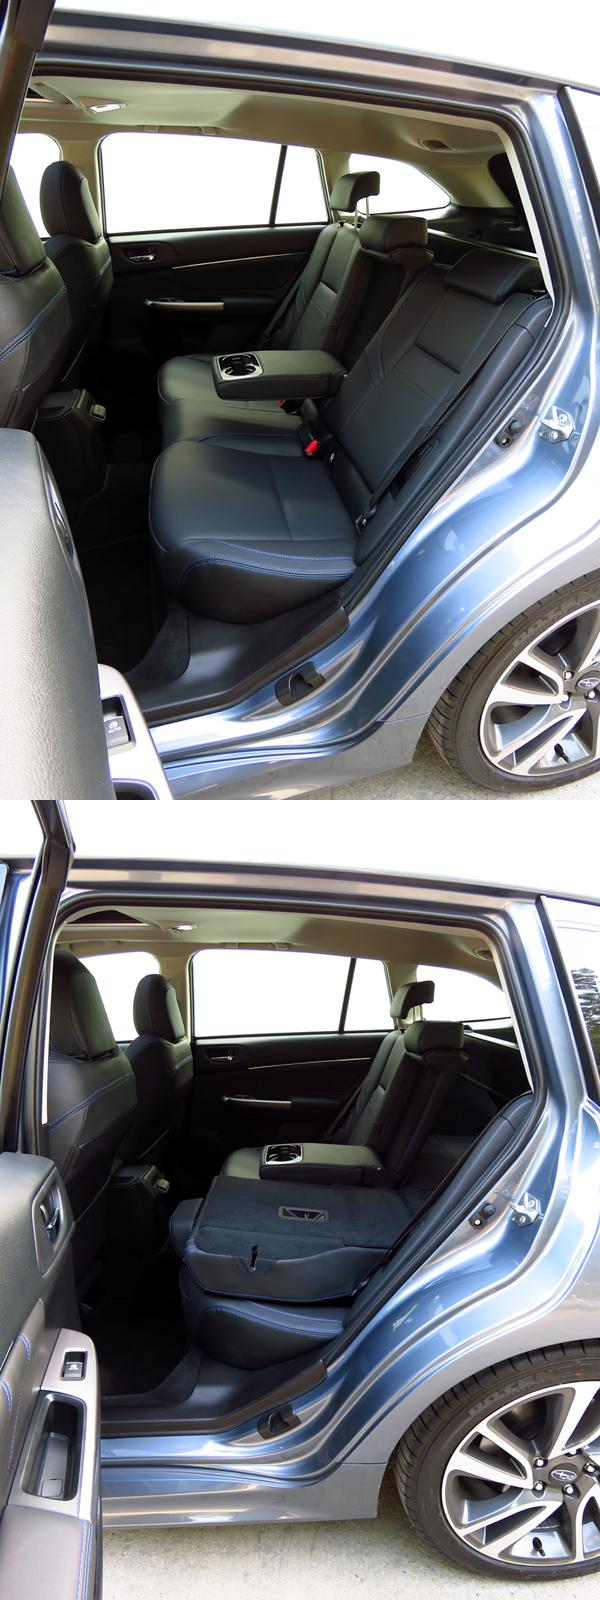 2015_12_Subaru_Levorg_Interior_05